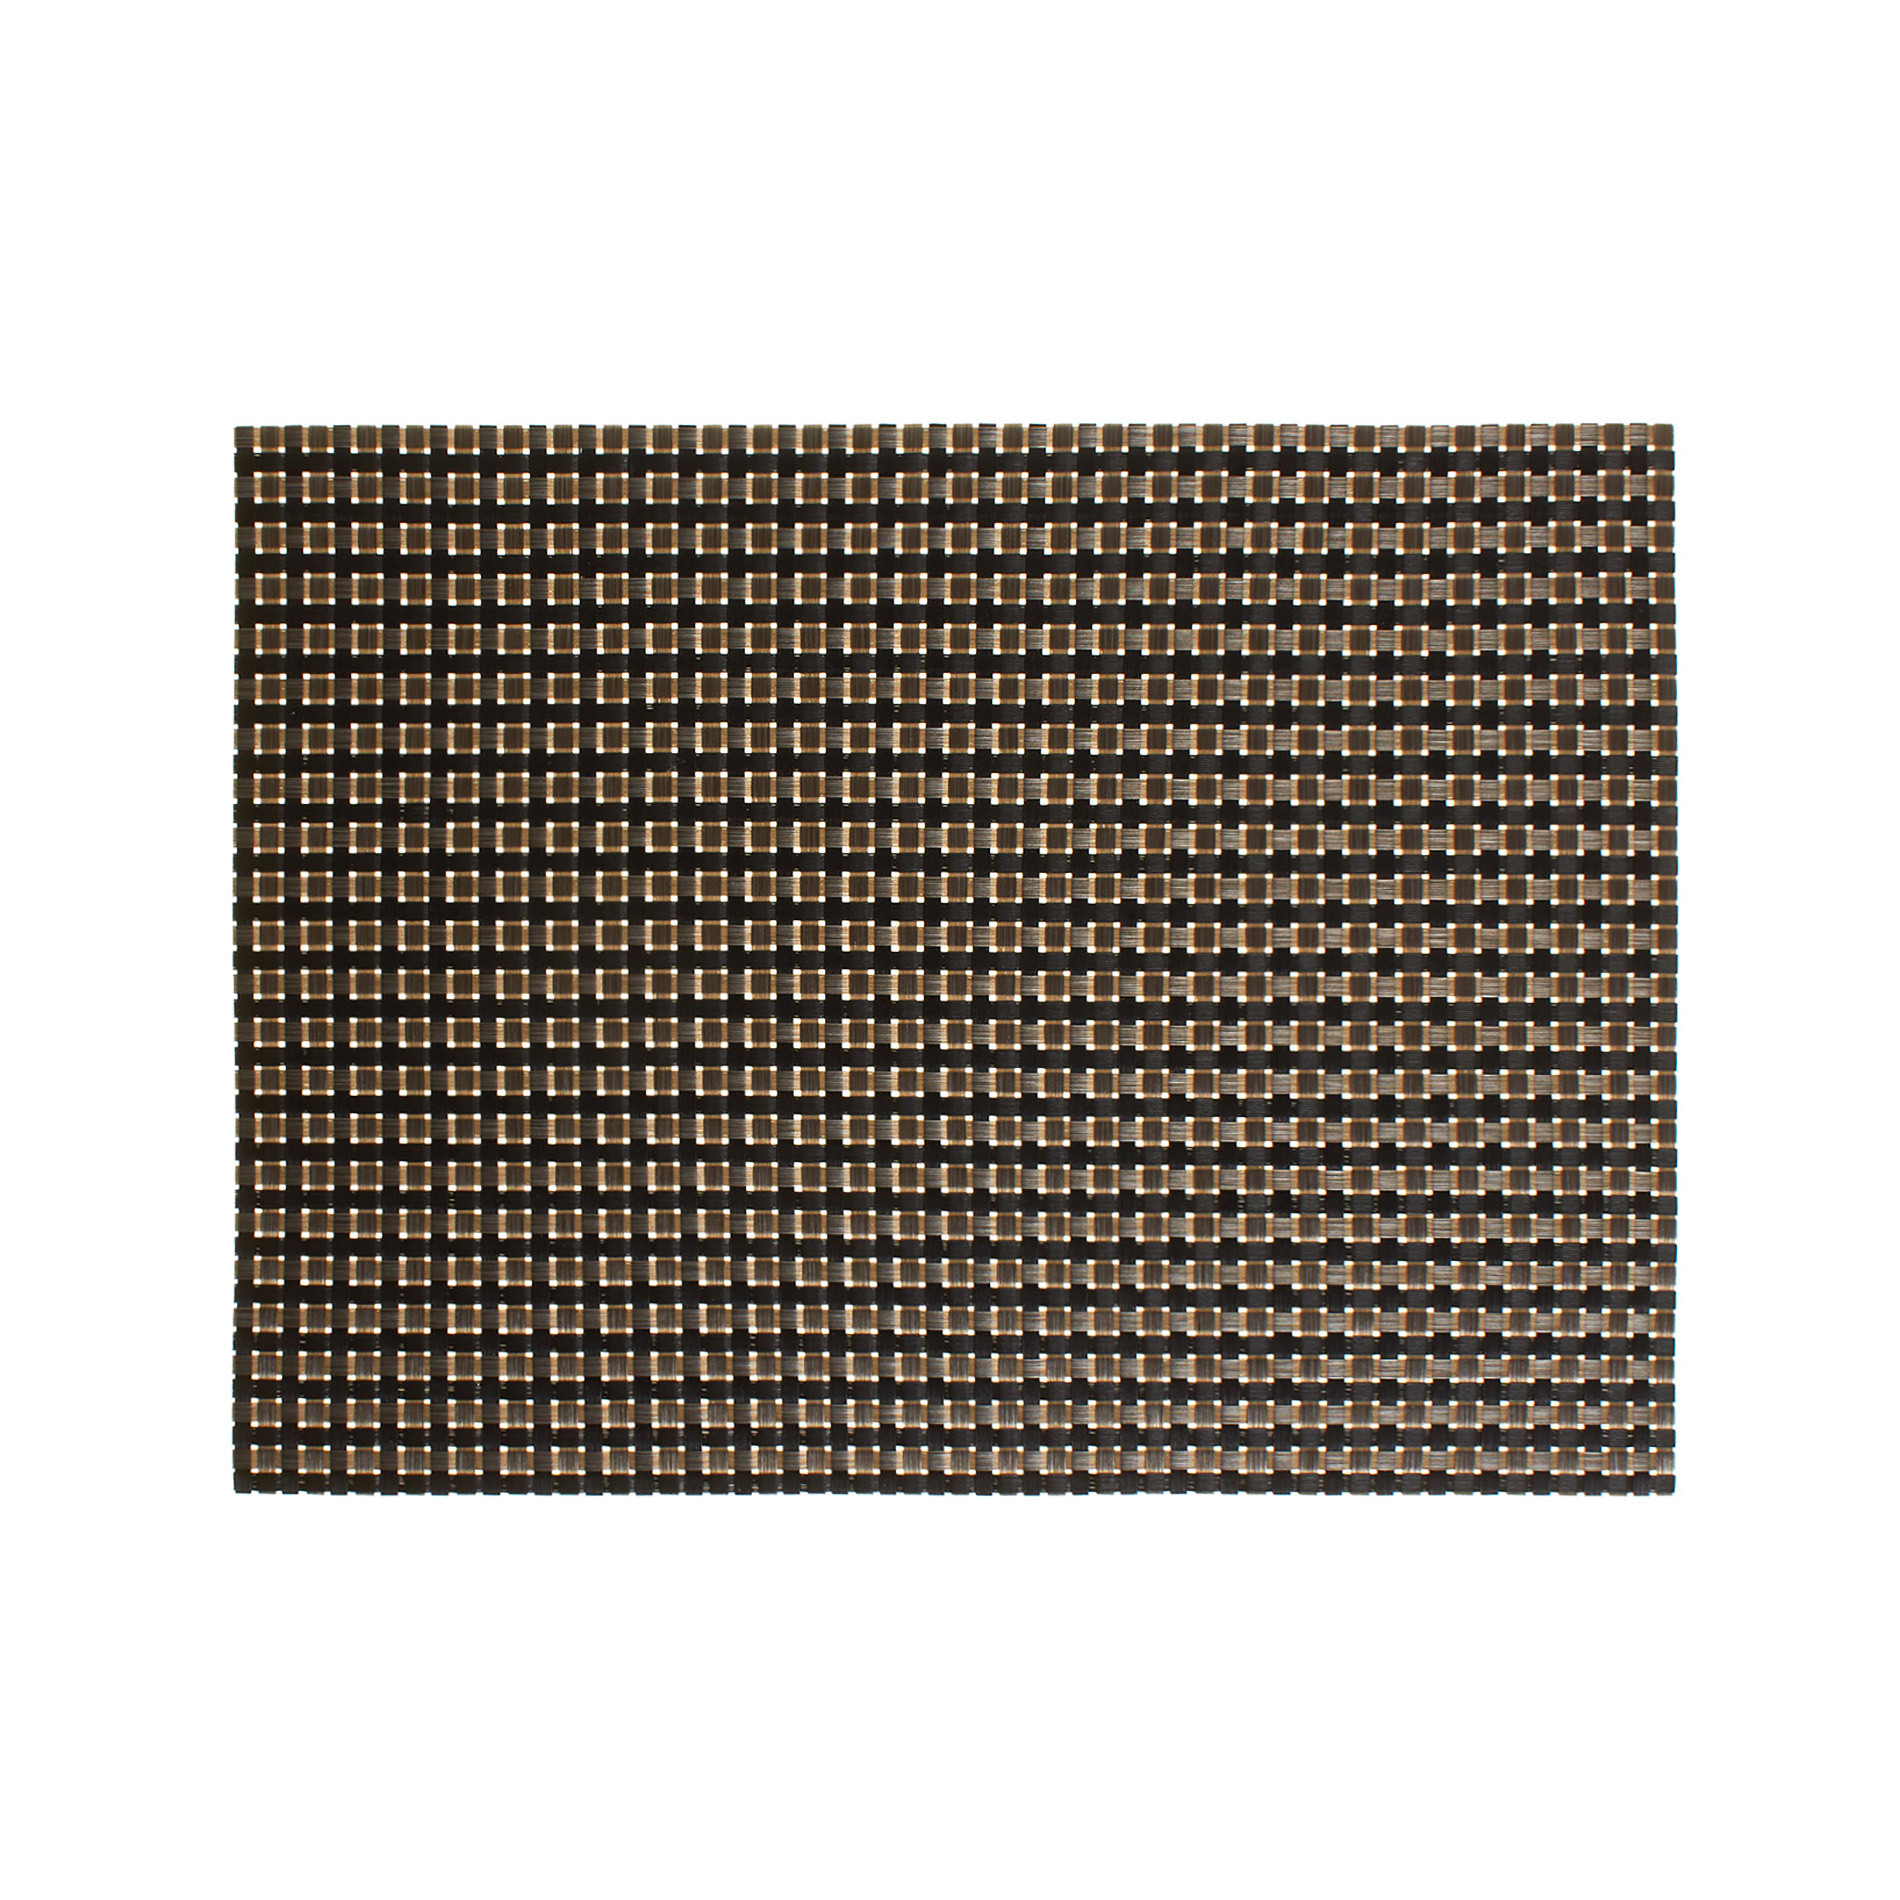 Tovaglietta PVC  effetto mosaico, Nero/Marrone, large image number 0